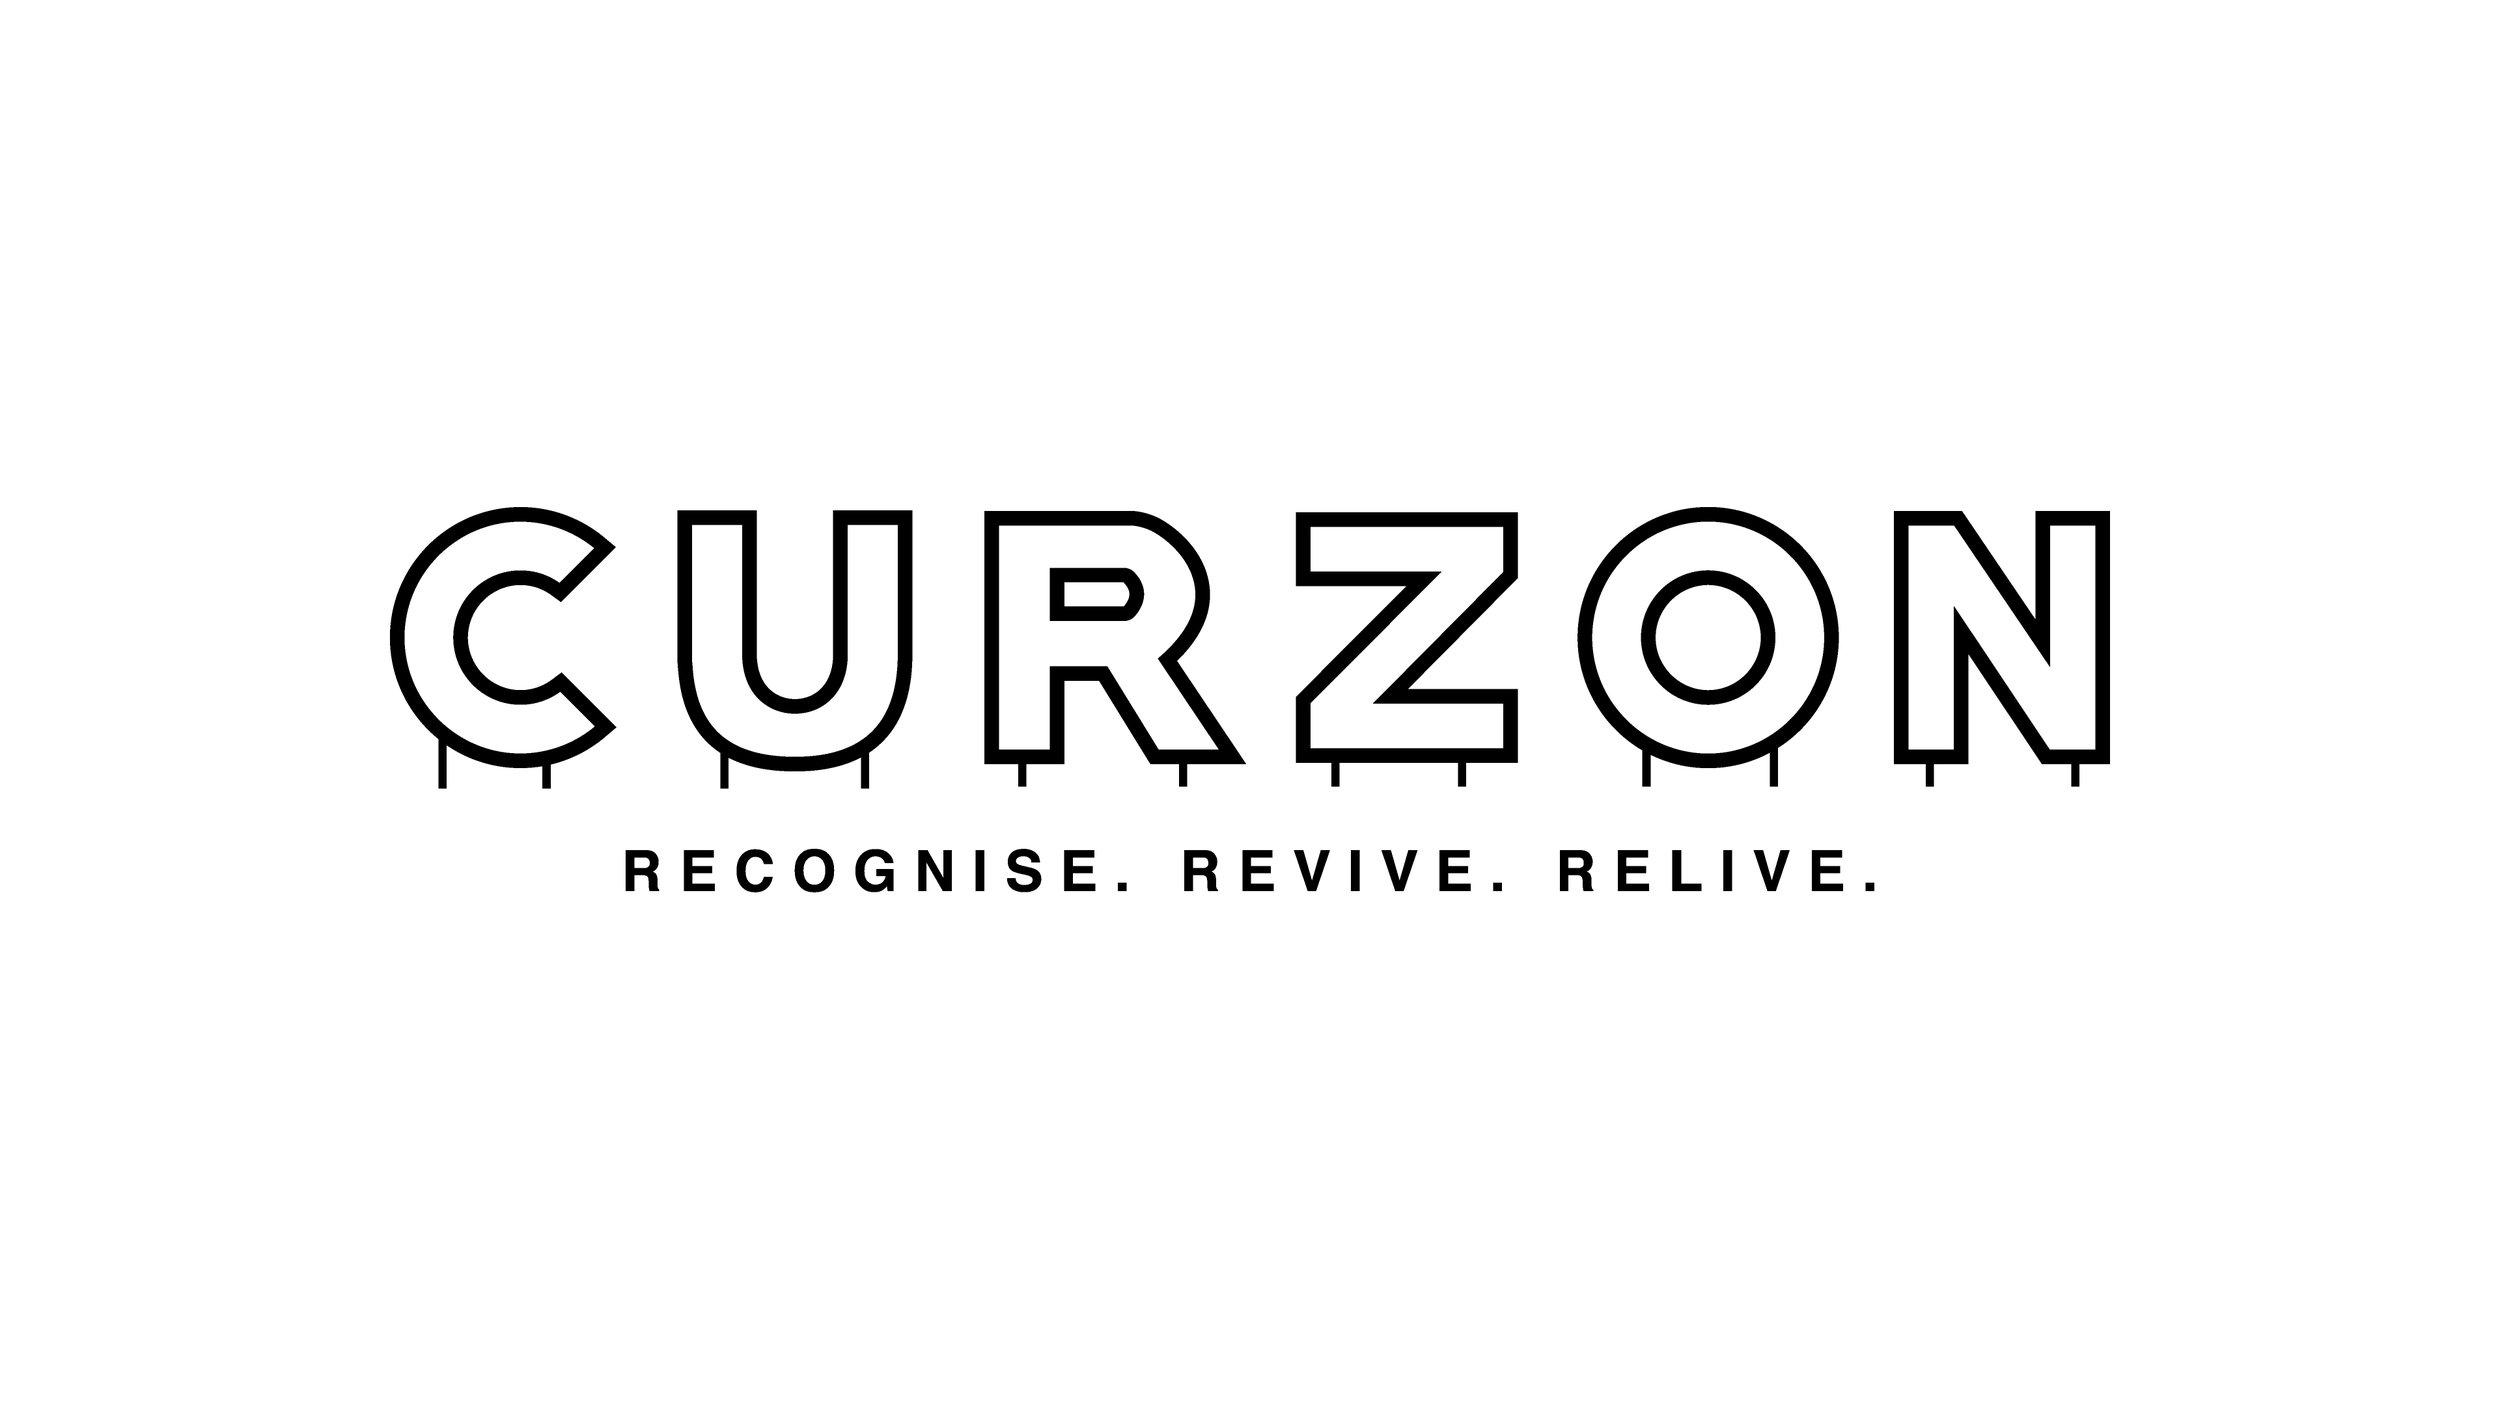 curzon.jpg